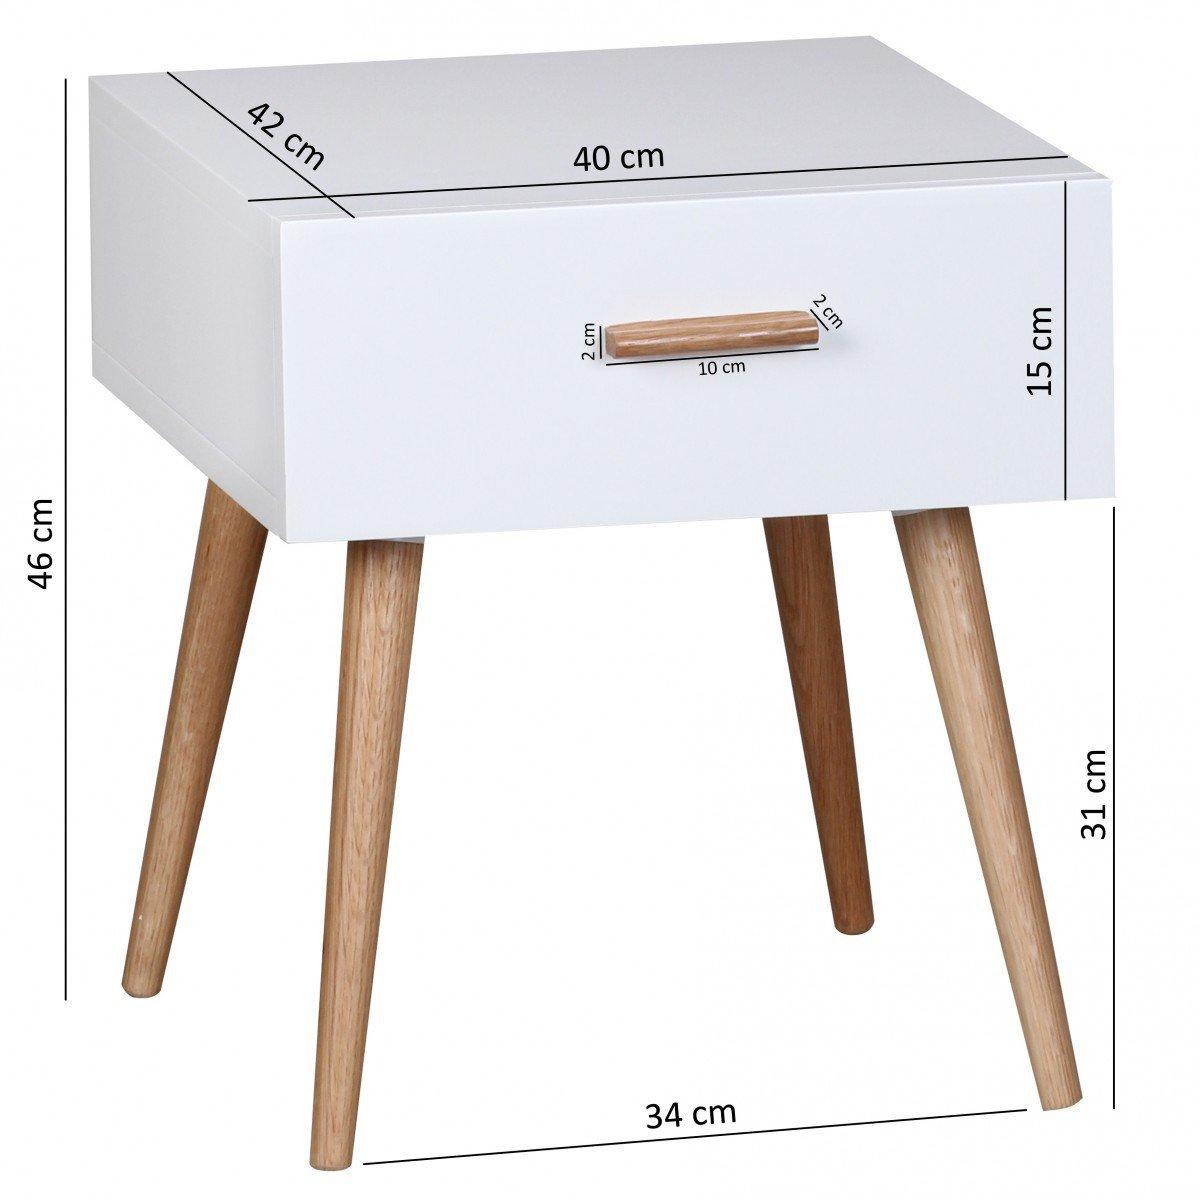 Design Table de Nuit Scandinave Table dappoint Chambre /à Coucher FineBuy Table de Chevet Retro Bois Blanc 40 x 46 x 42 cm avec tiroir